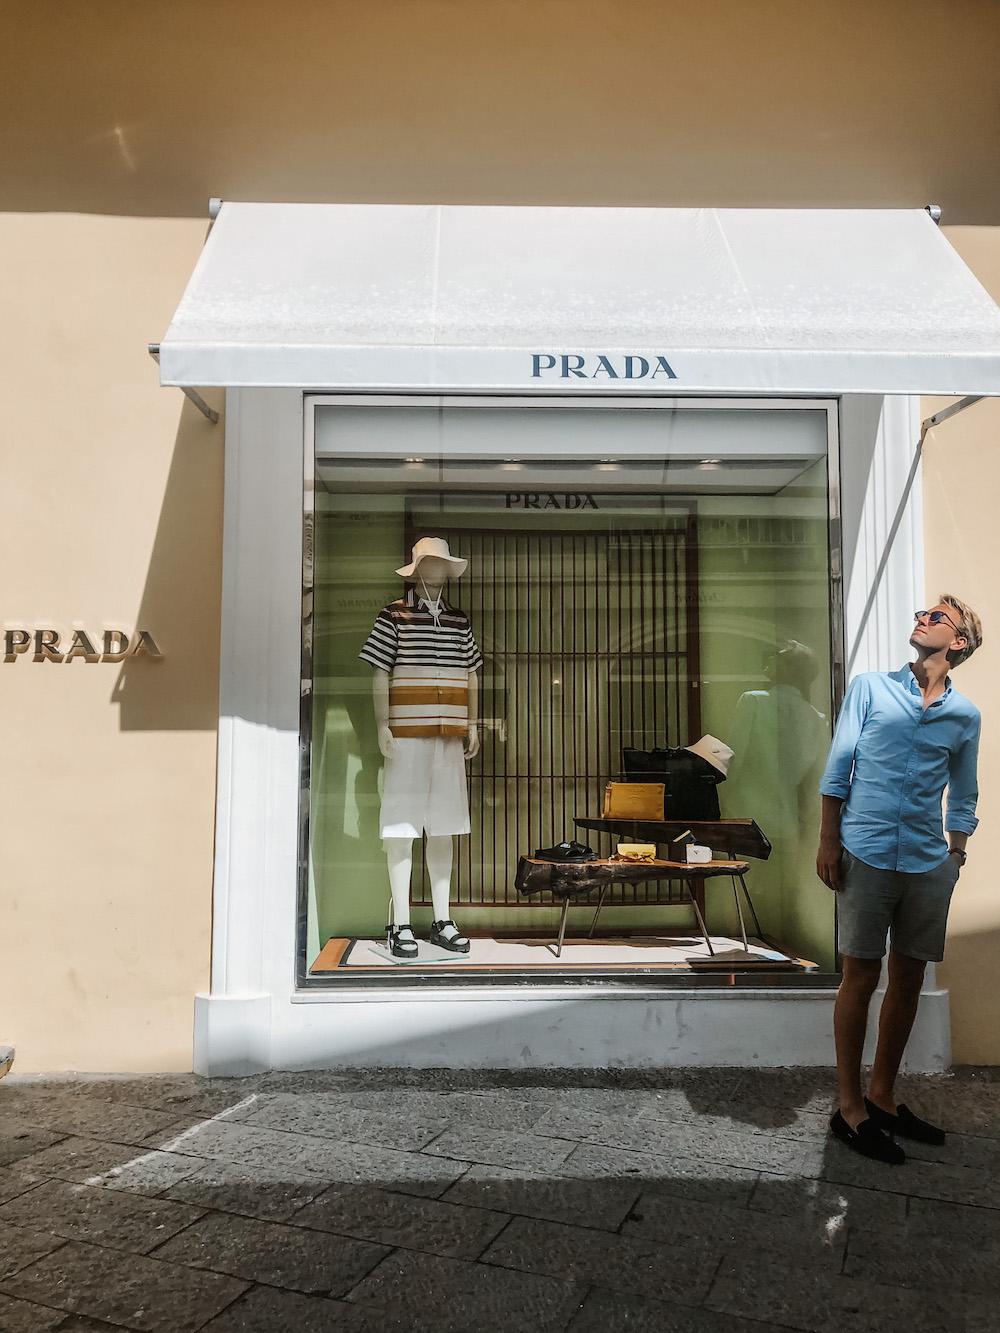 Capri winkelstraat